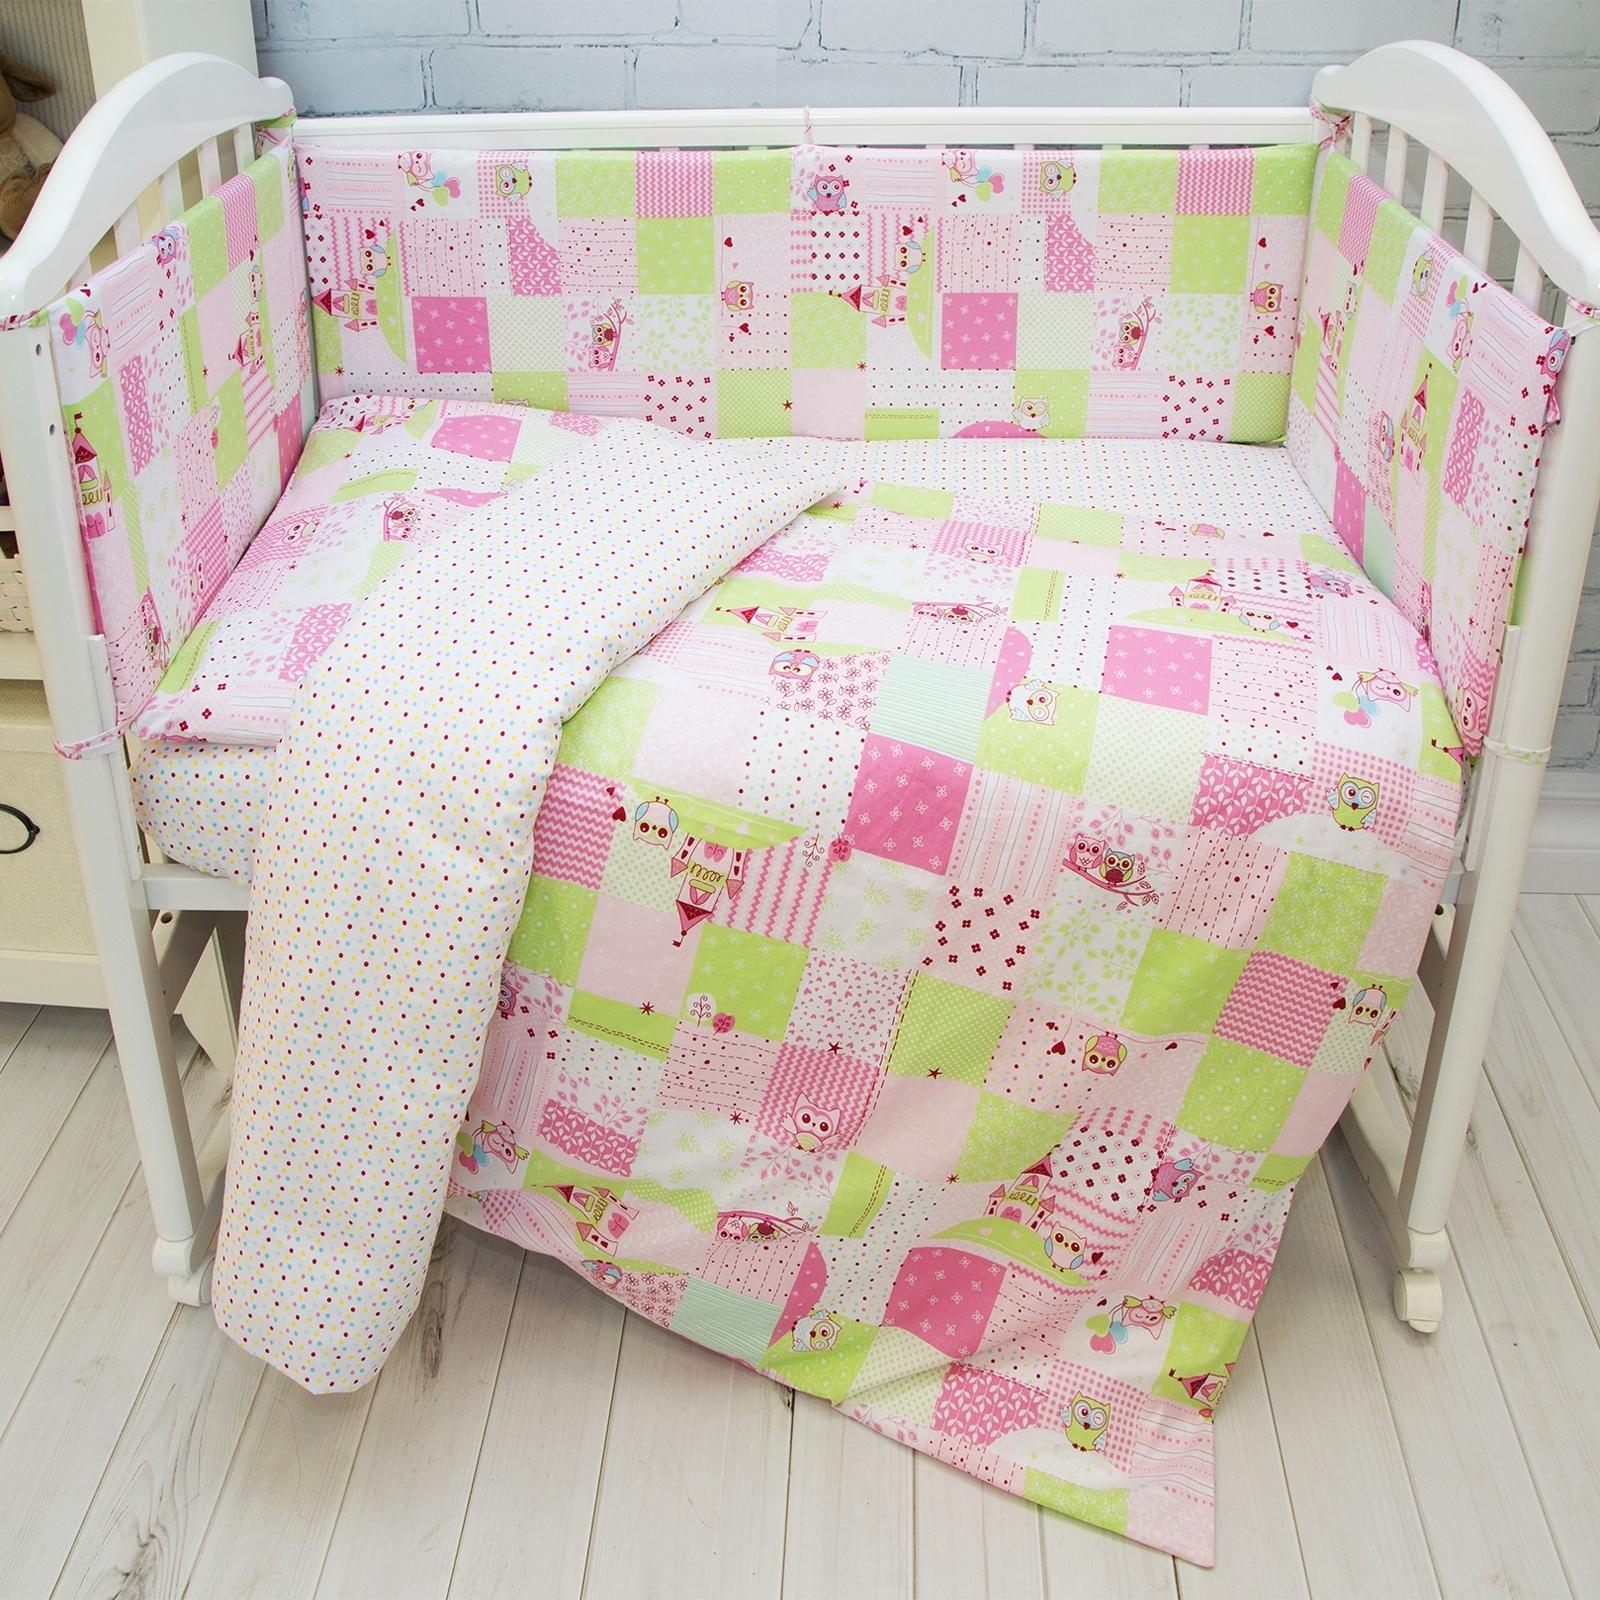 Комплект постельного белья  Споки Ноки бязь100% хлопок Совы Розовый<br>